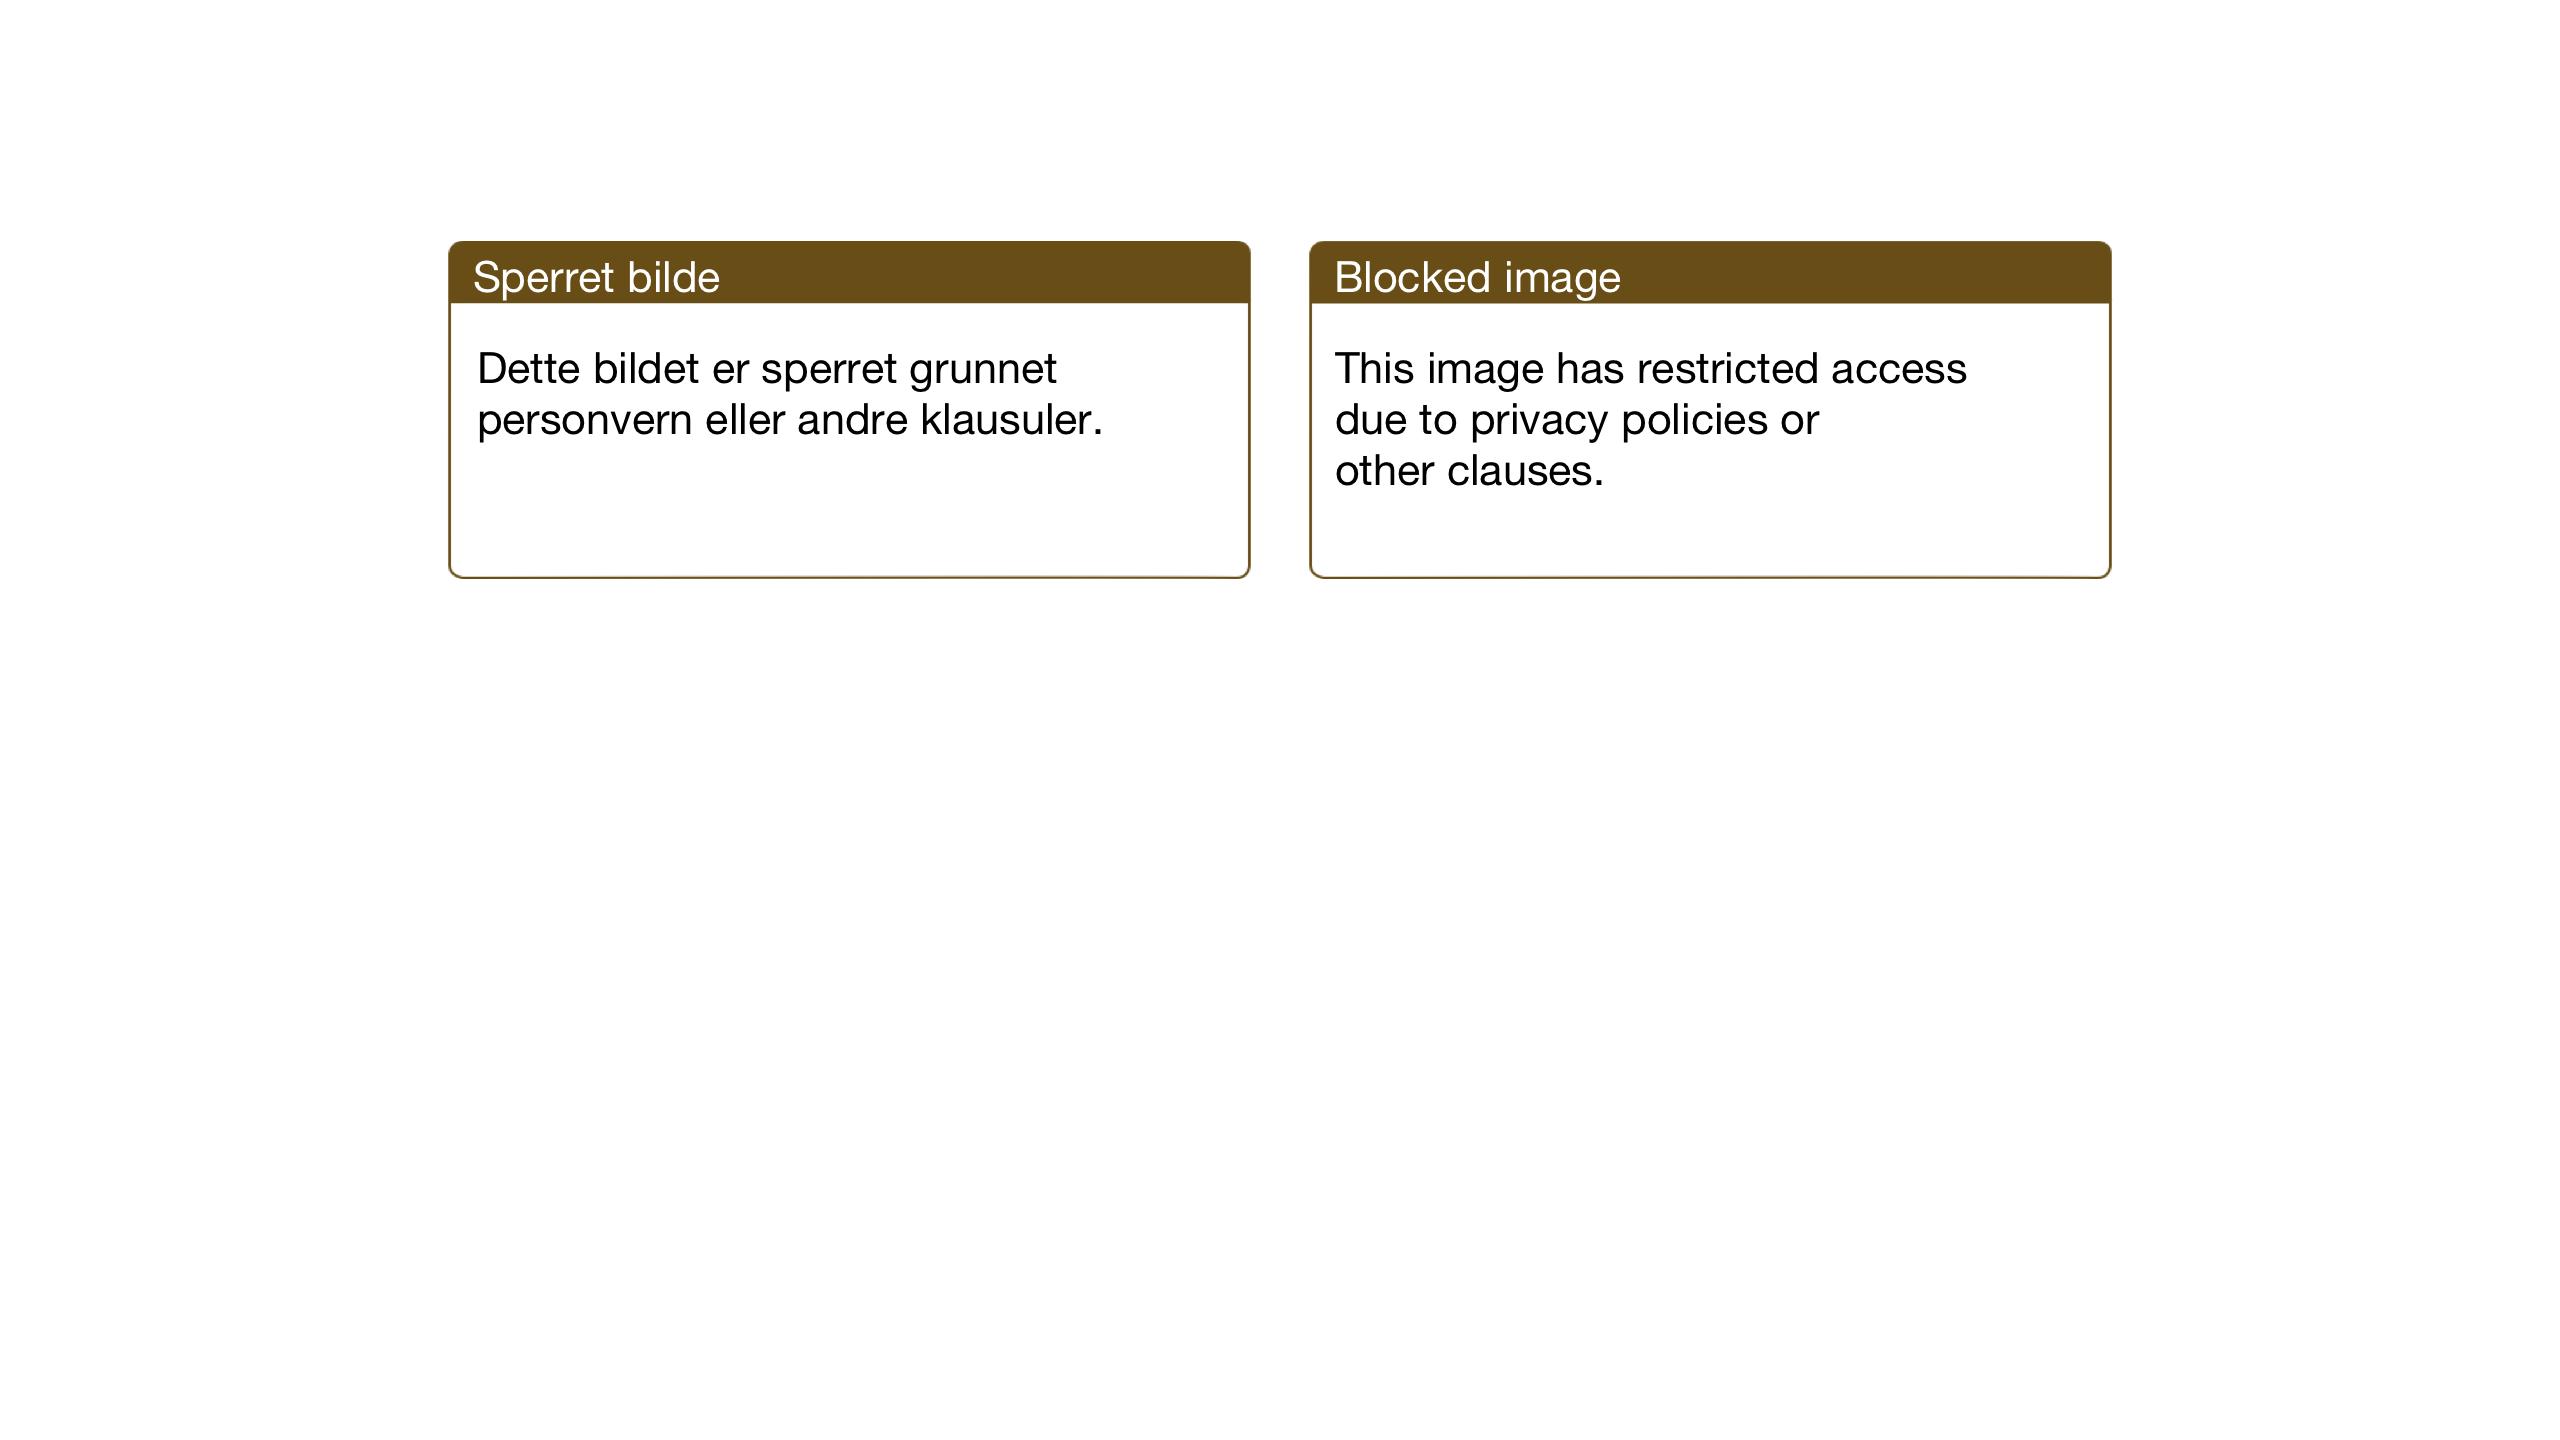 SAT, Ministerialprotokoller, klokkerbøker og fødselsregistre - Sør-Trøndelag, 651/L0648: Klokkerbok nr. 651C02, 1915-1945, s. 200